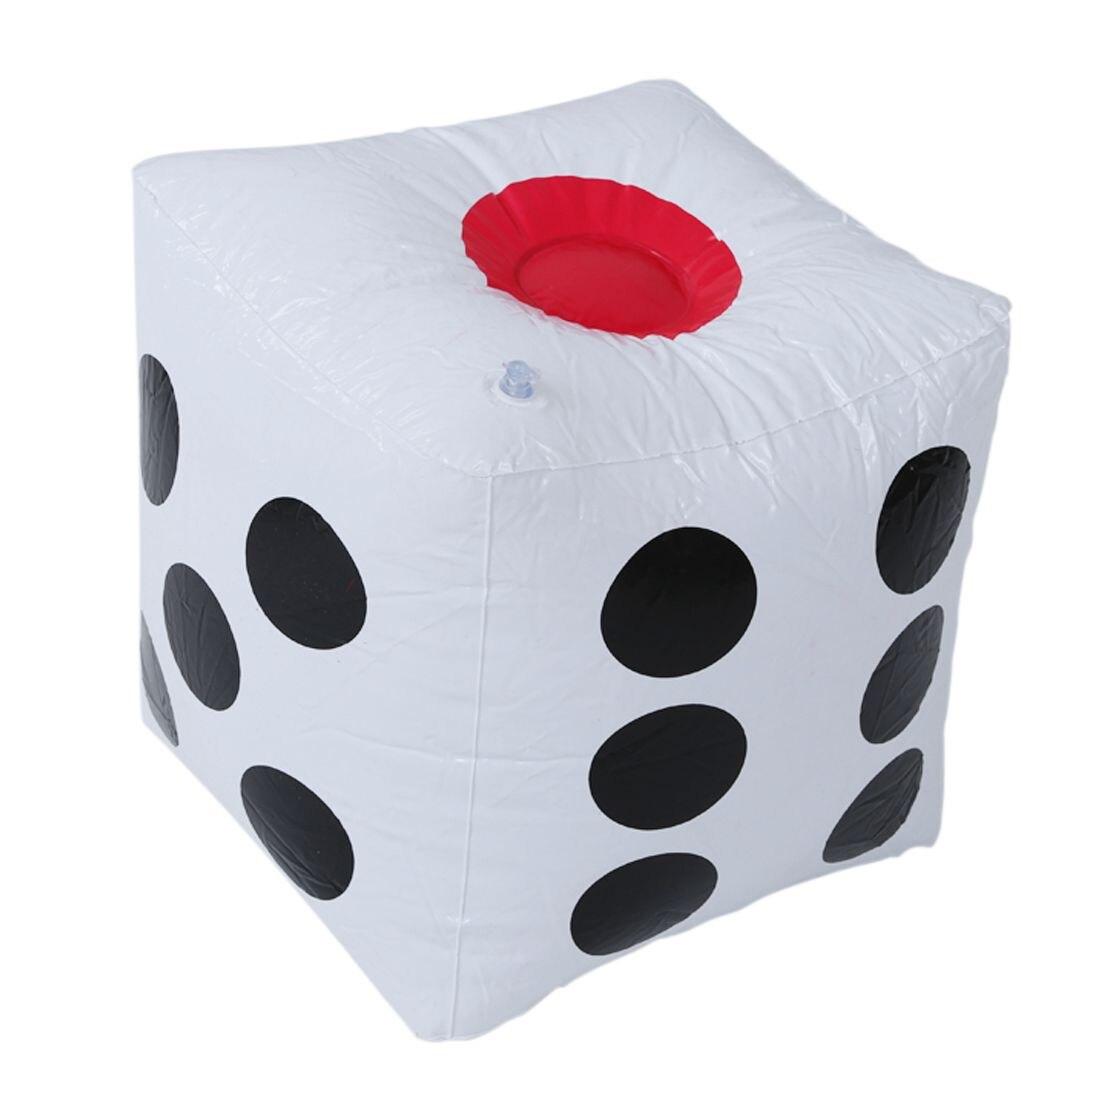 Abwe Best продажа 32 см Надувные Взорвать Cube Игральная кость Casino покер партия Аксессуары бассейн пляж игрушки